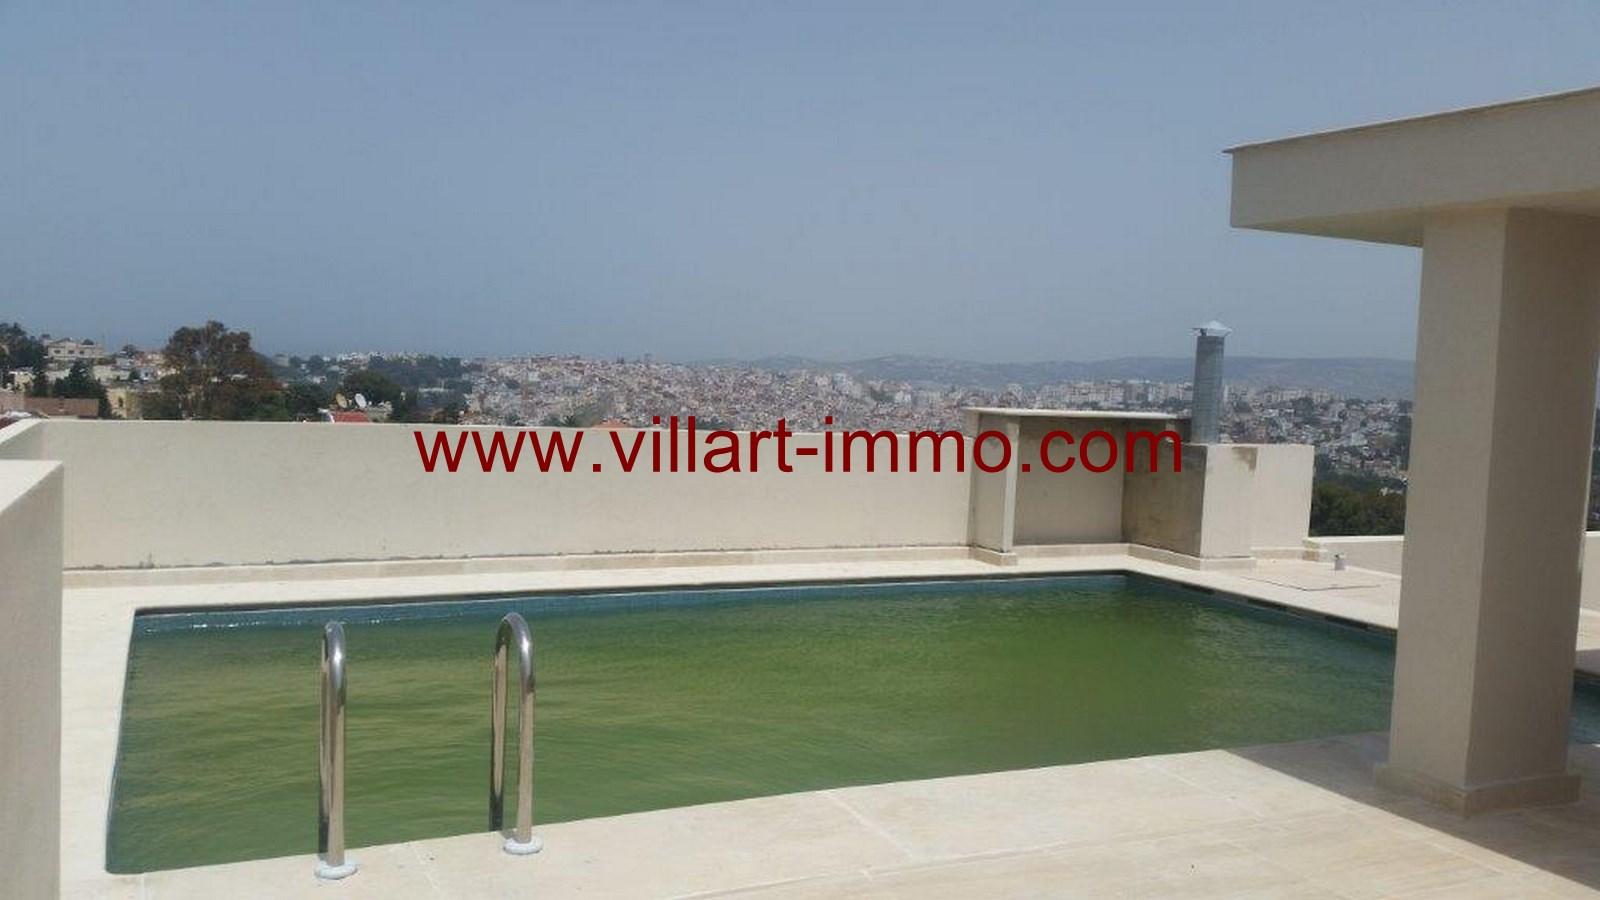 1-a-vendre-tanger-villa-la-montagne-piscine-vv421-villart-immo-agence-immobiliere